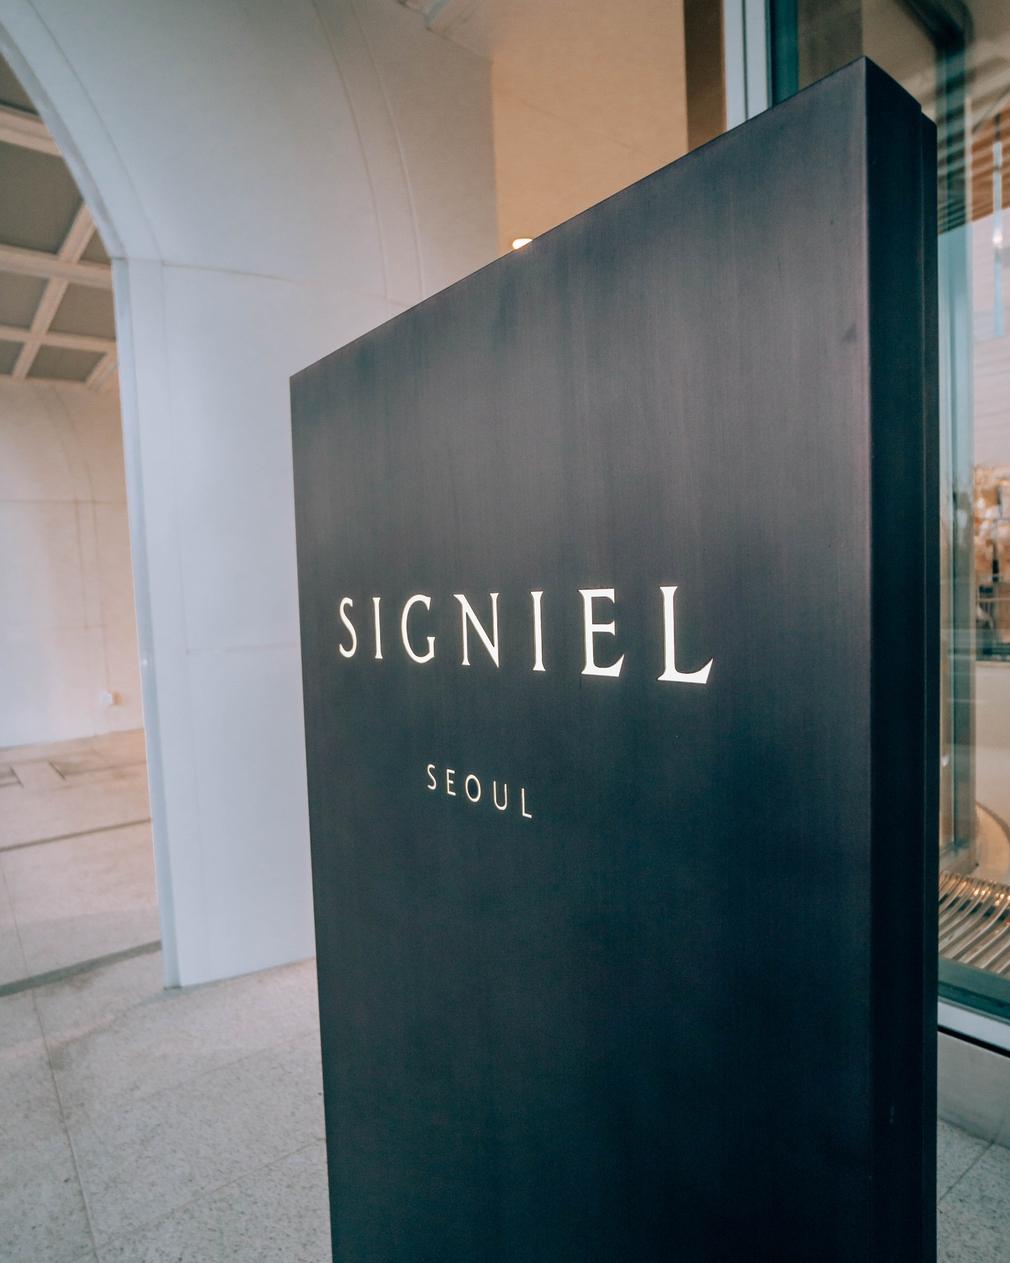 Signiel Seoul sign